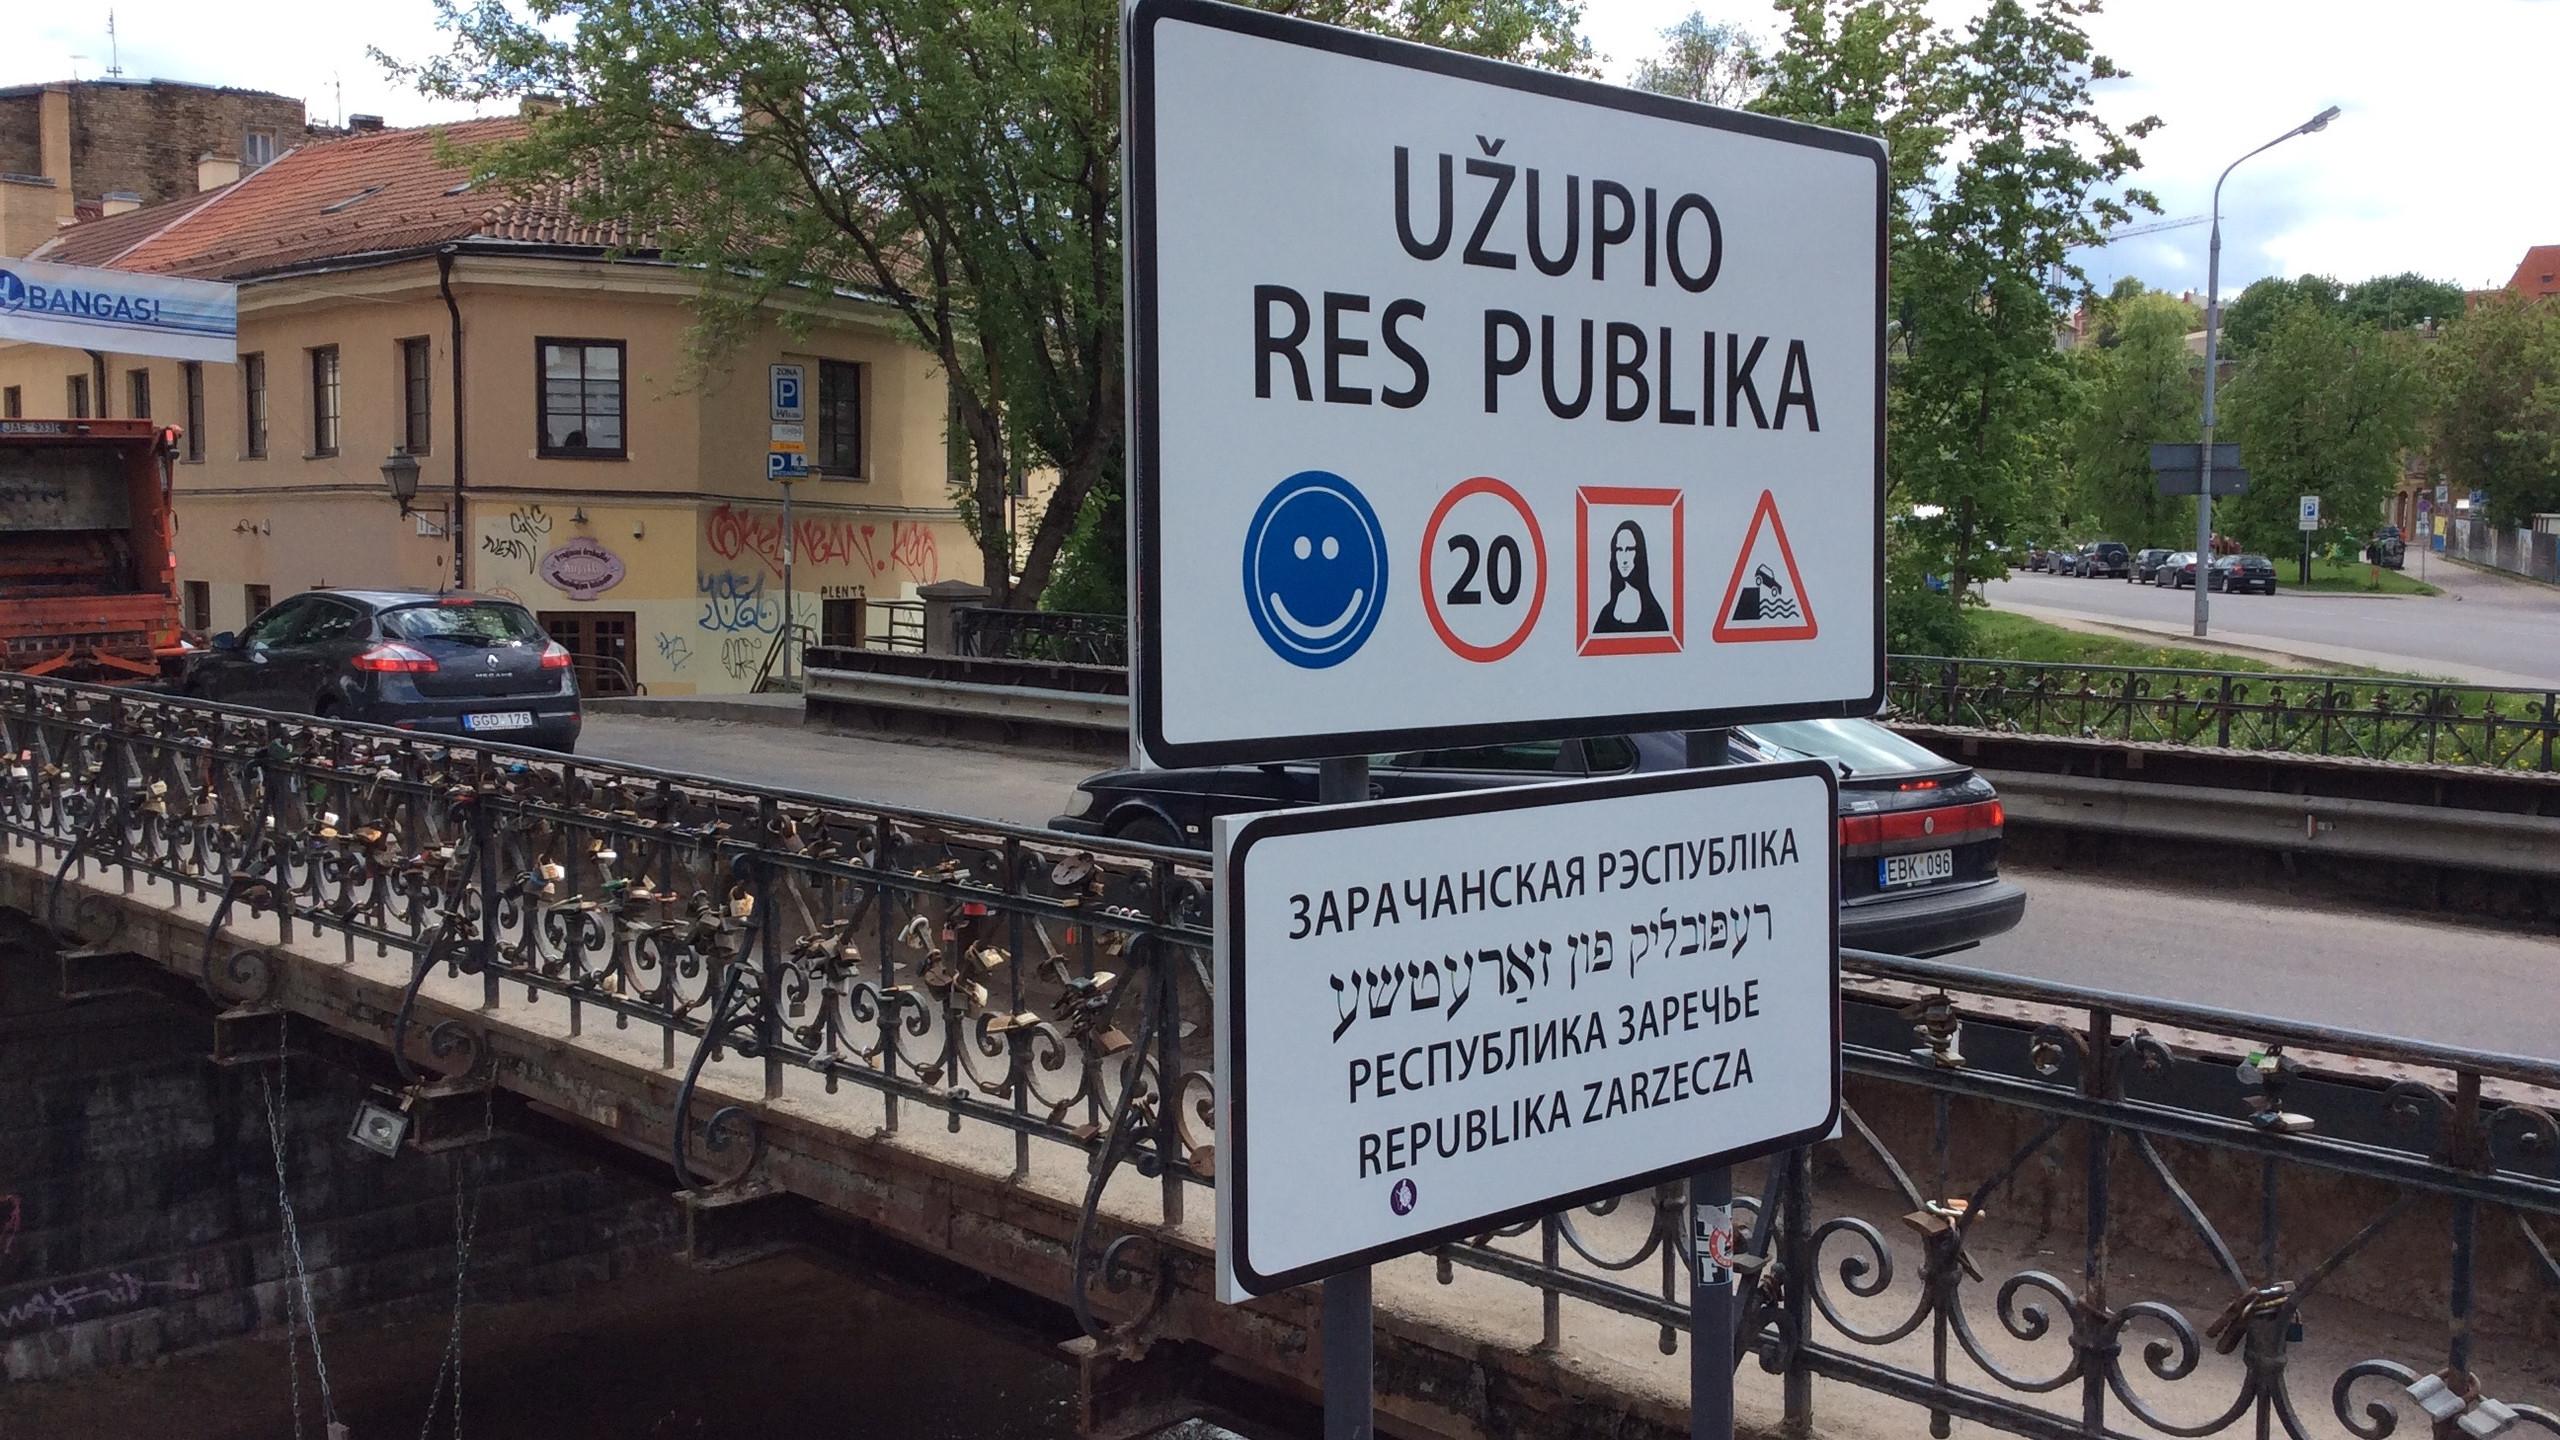 The Republic of Užupis